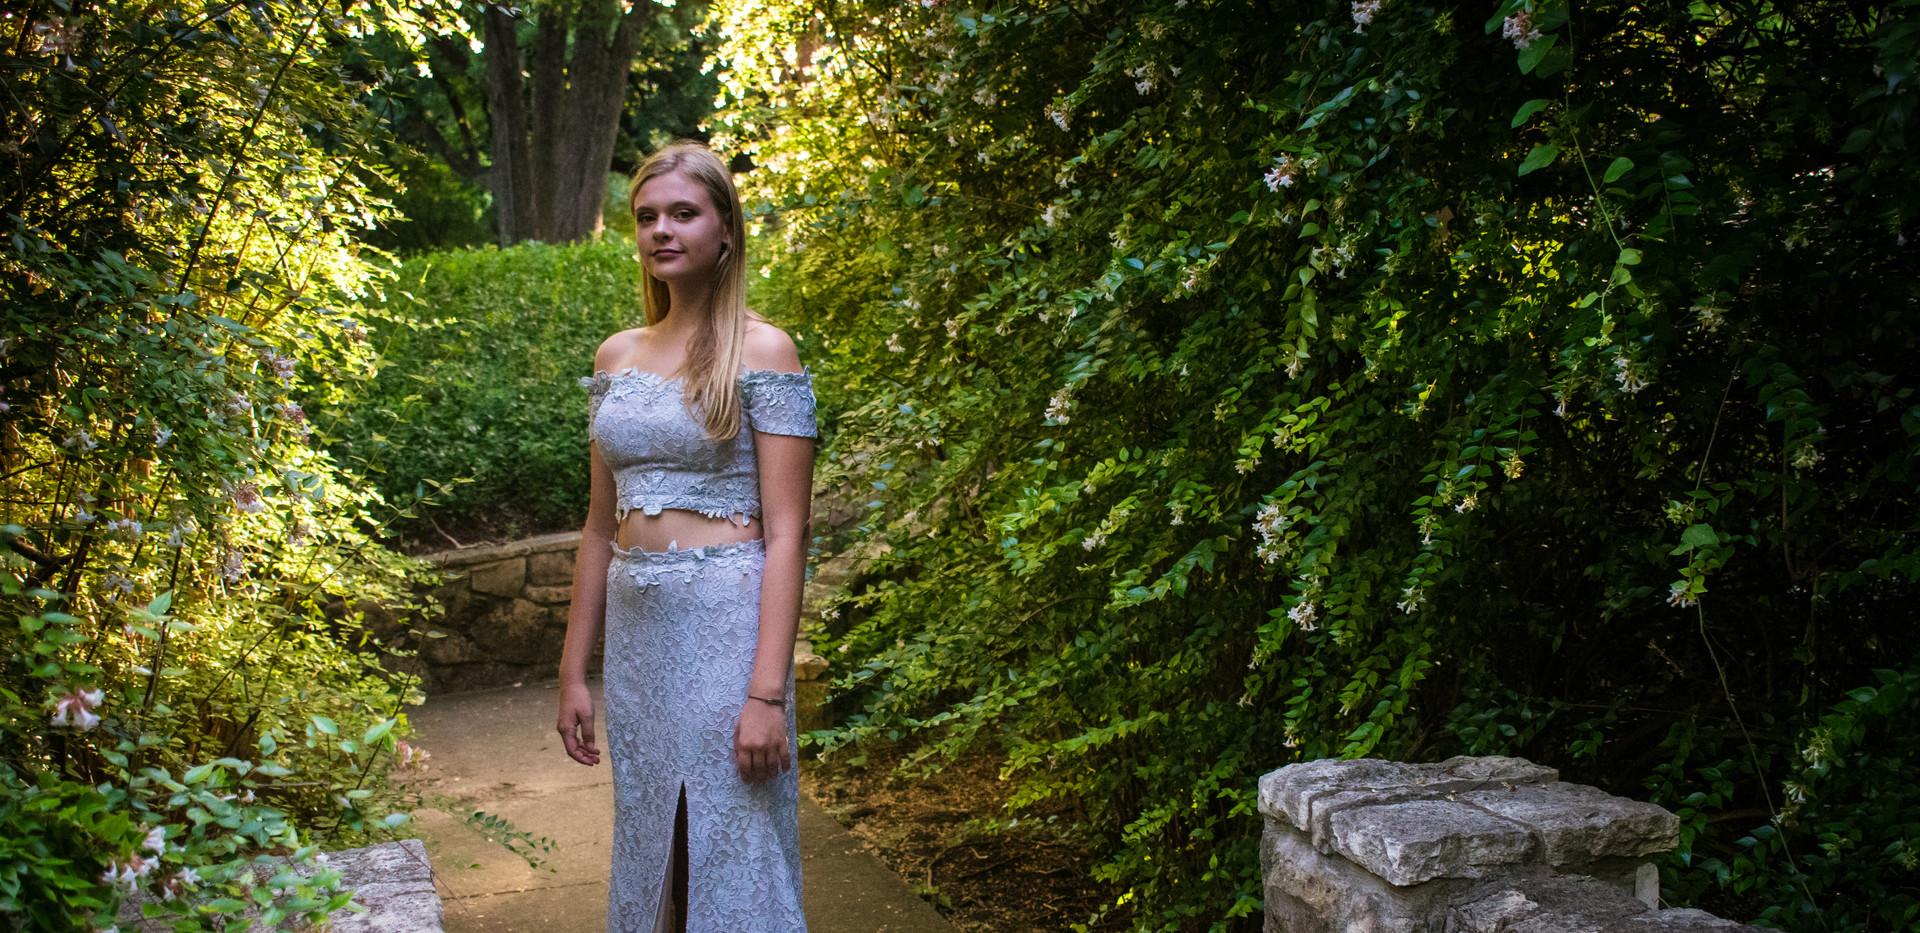 Leah Nulisch - RedbirdPhotography5.jpg